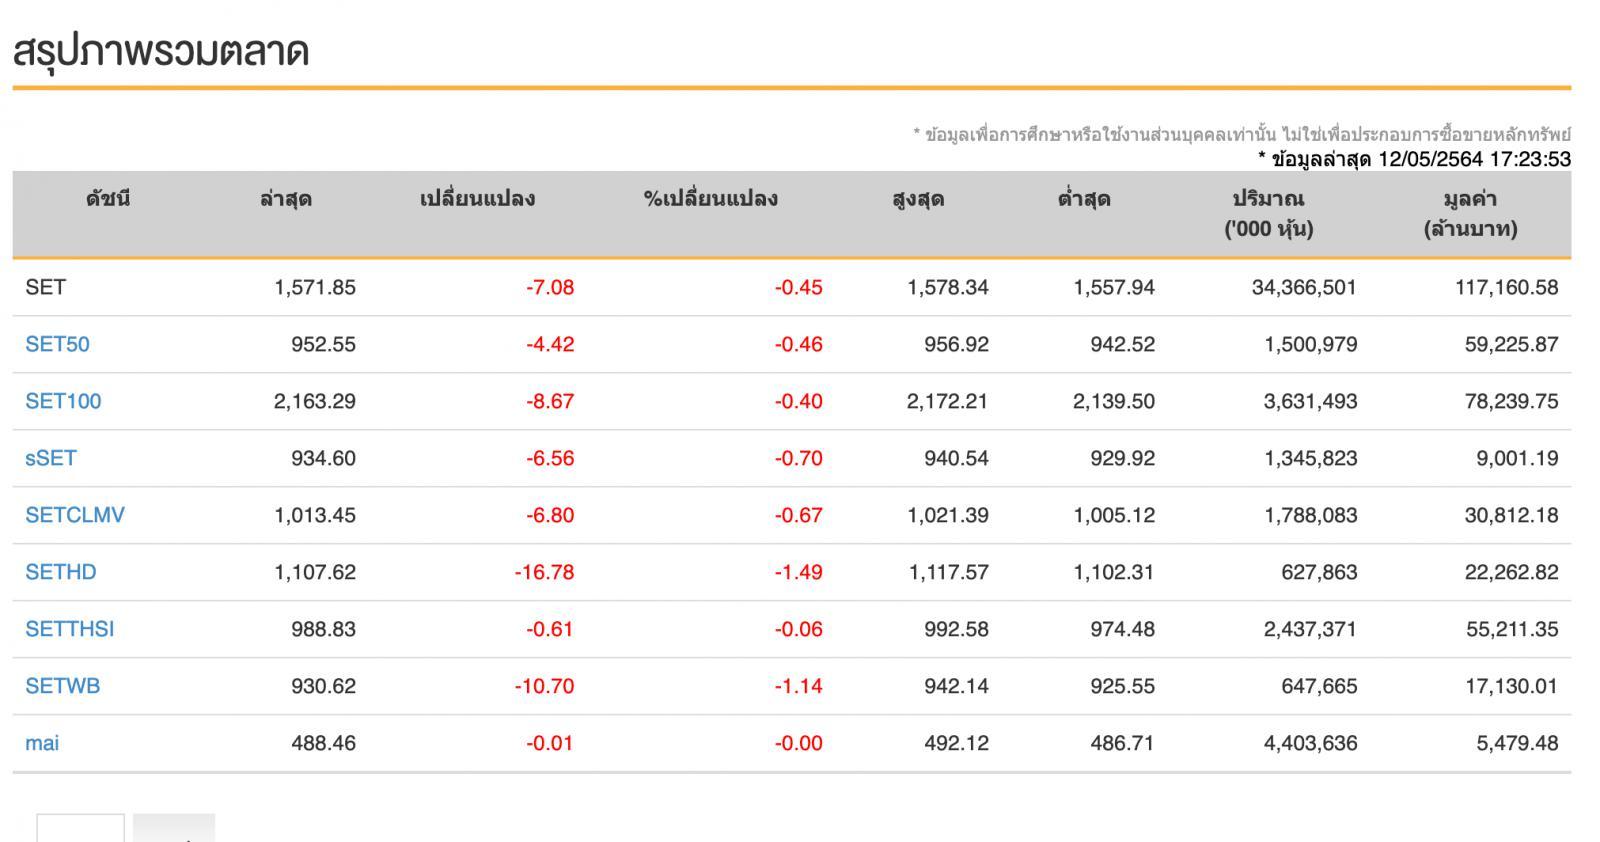 หุ้นไทย (12 พ.ค.64) ปิดซื้อขายที่ระดับ 1,571.85จุด ลดลง -7.08จุด